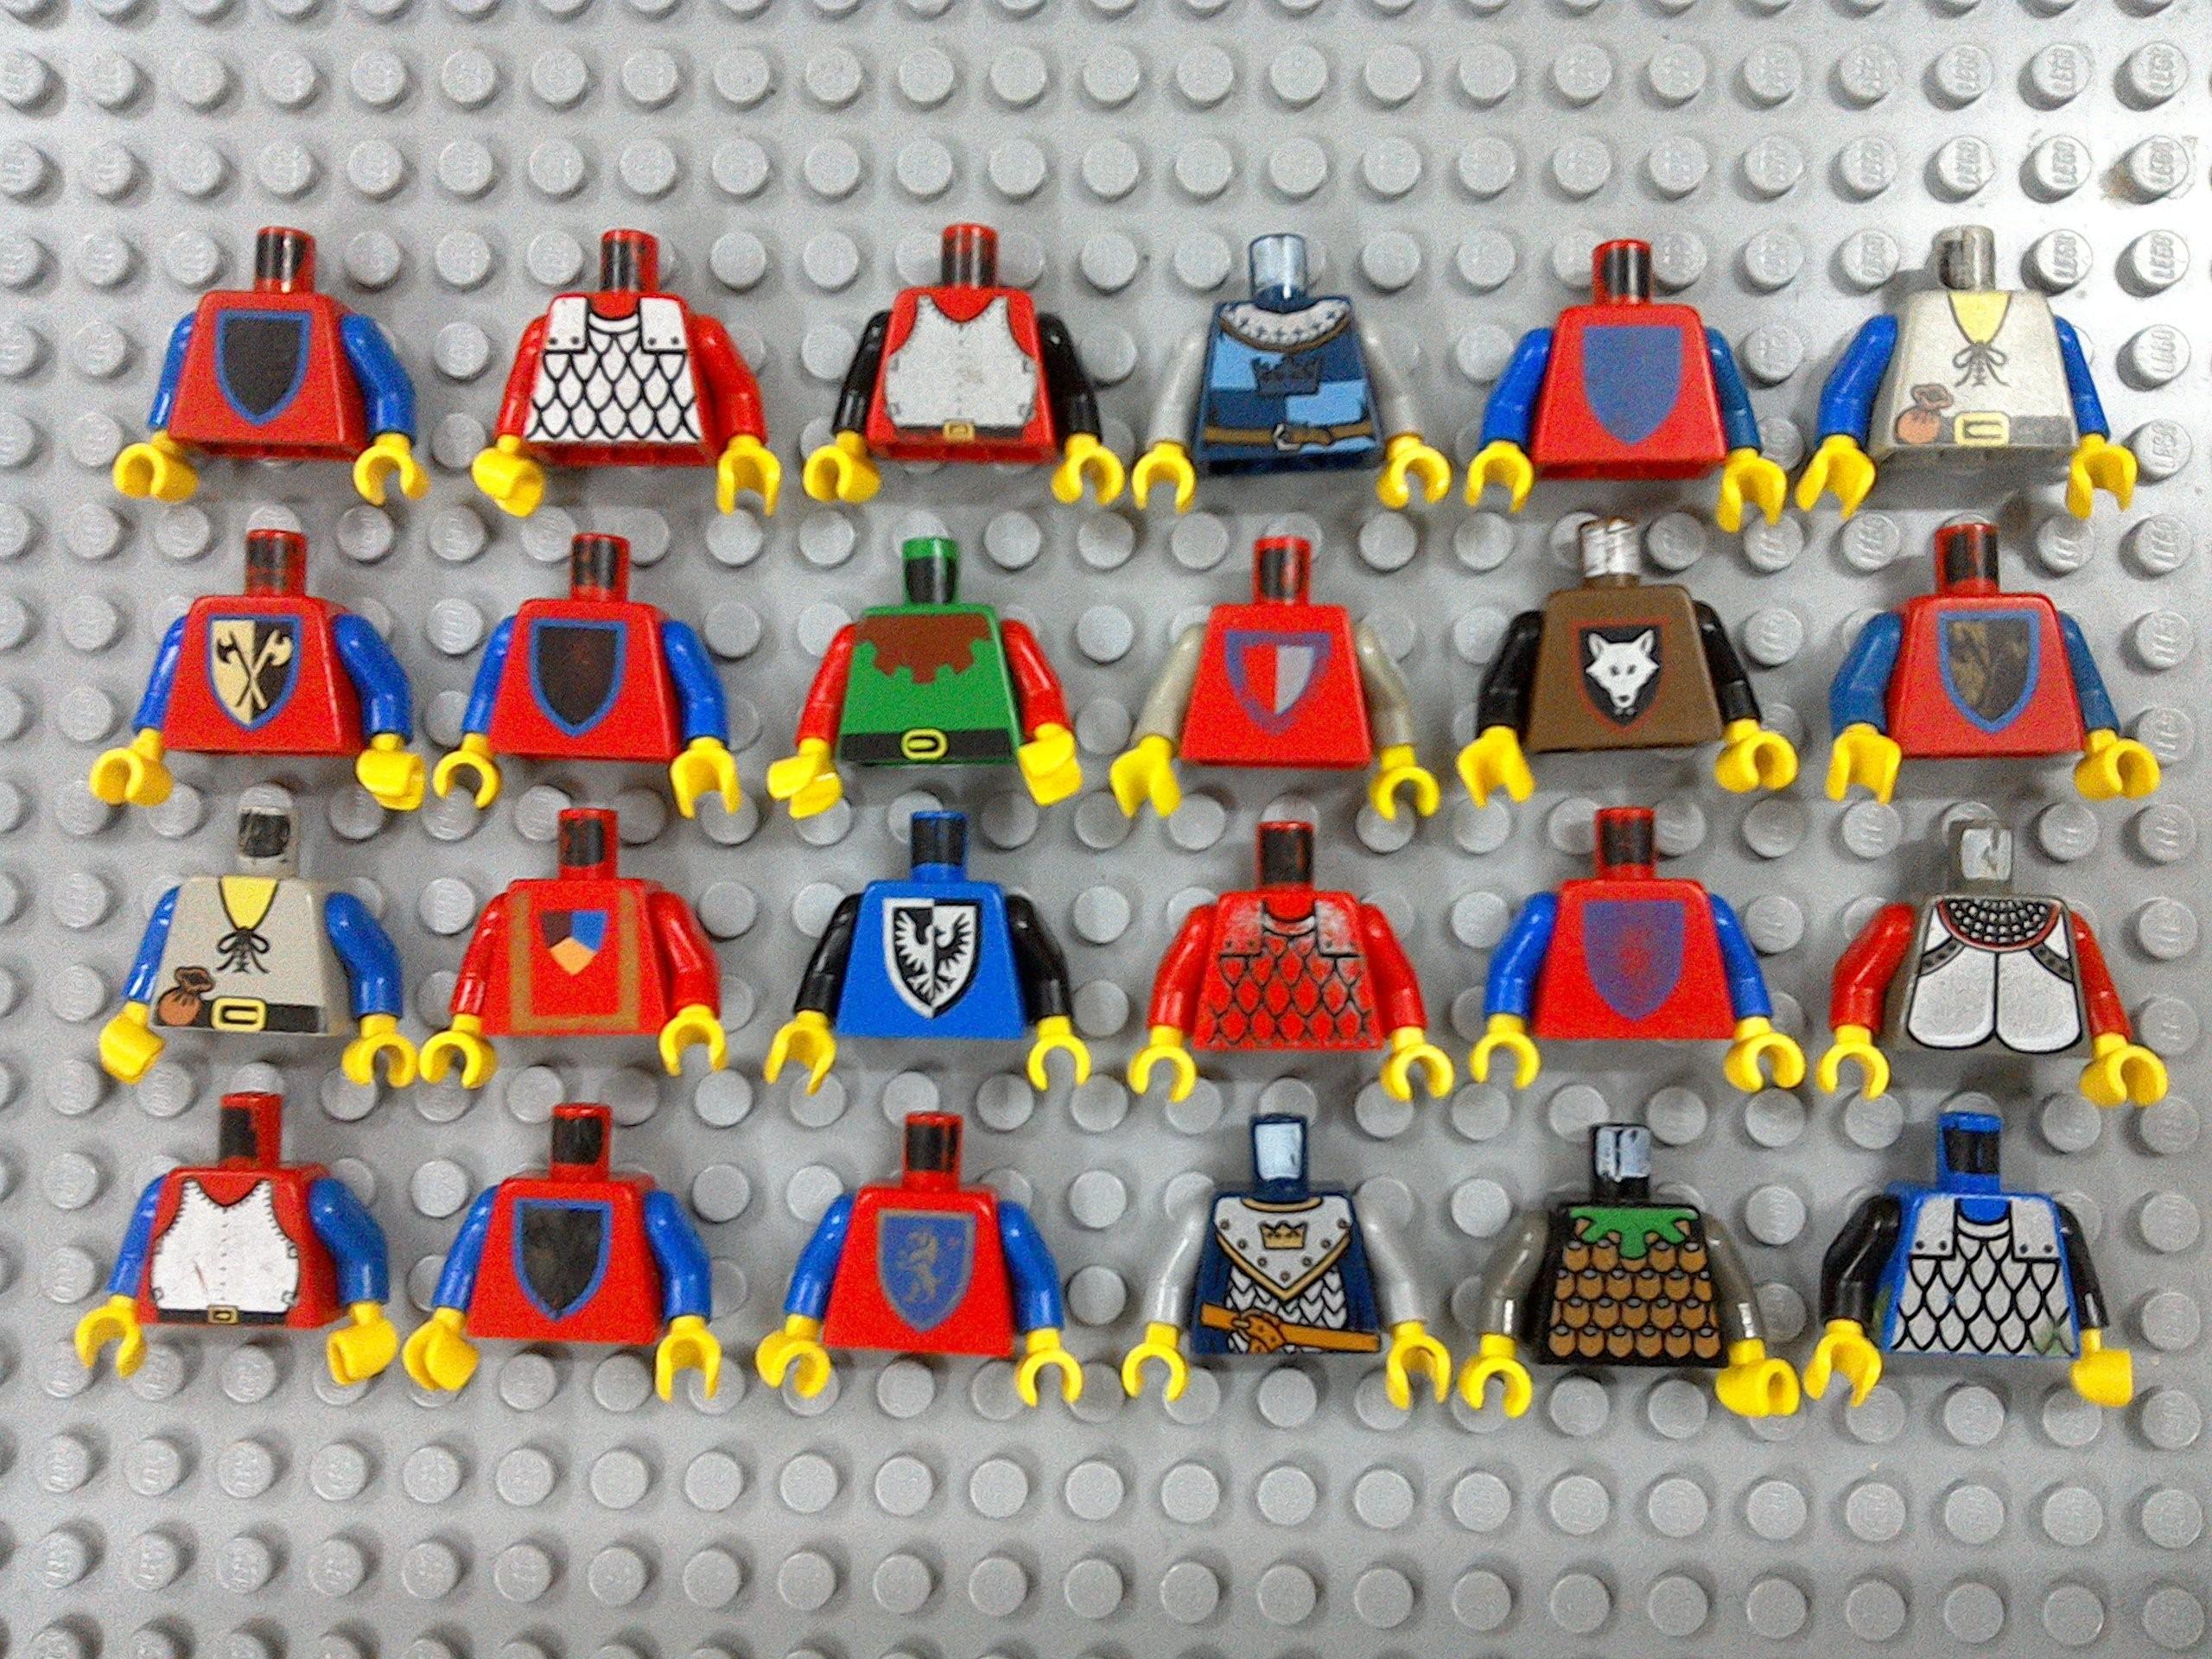 Zestaw 24 Sztuki Torsy Lego Rycerze Castle Od 1 Zł 7400970795